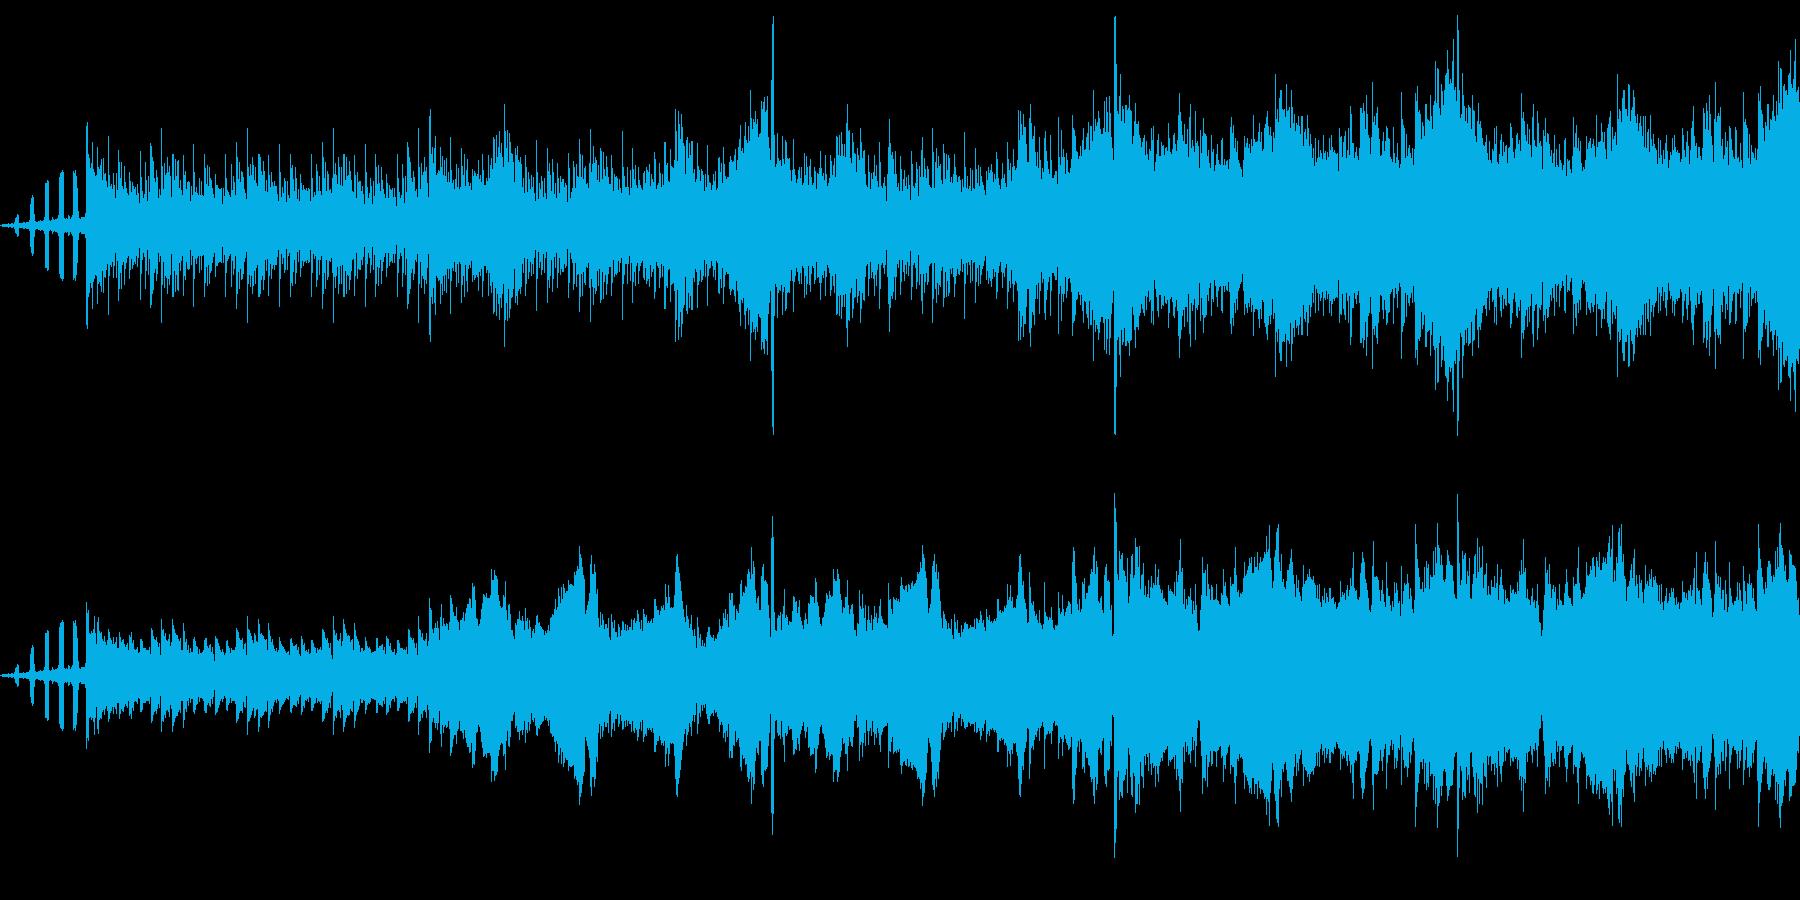 【宇宙/近未来/エレクトロニカ/BGM】の再生済みの波形